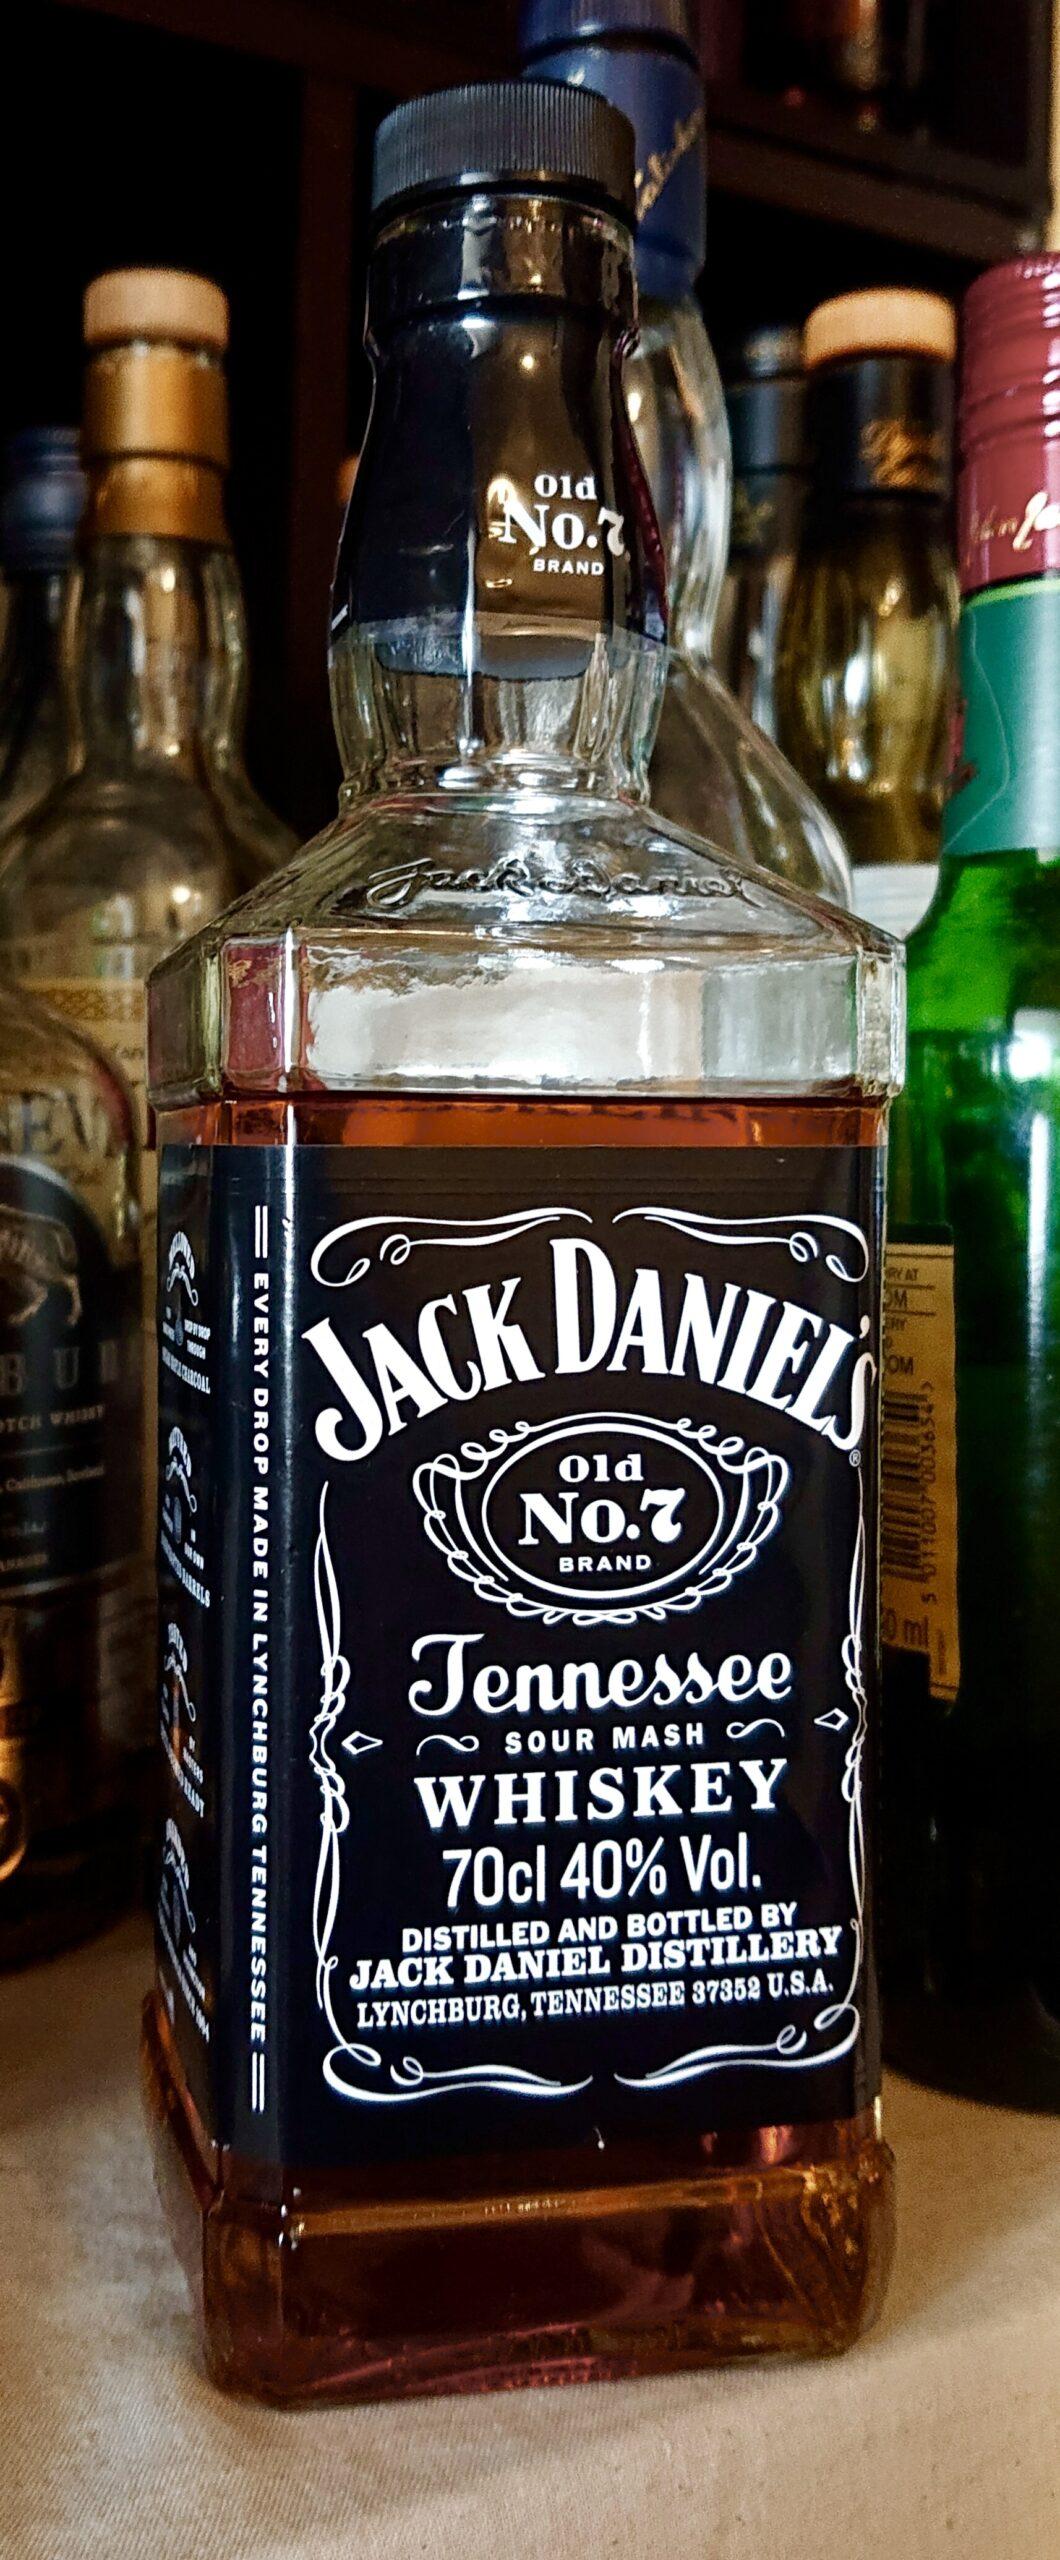 ジャックダニエル・ブラック(Old No.7)のテイスティング&レヴュー・テネシー初、世界一売れている大定番ウイスキー!チャコールメローイング製法が生み出すクリアでメープルスイートな酒!